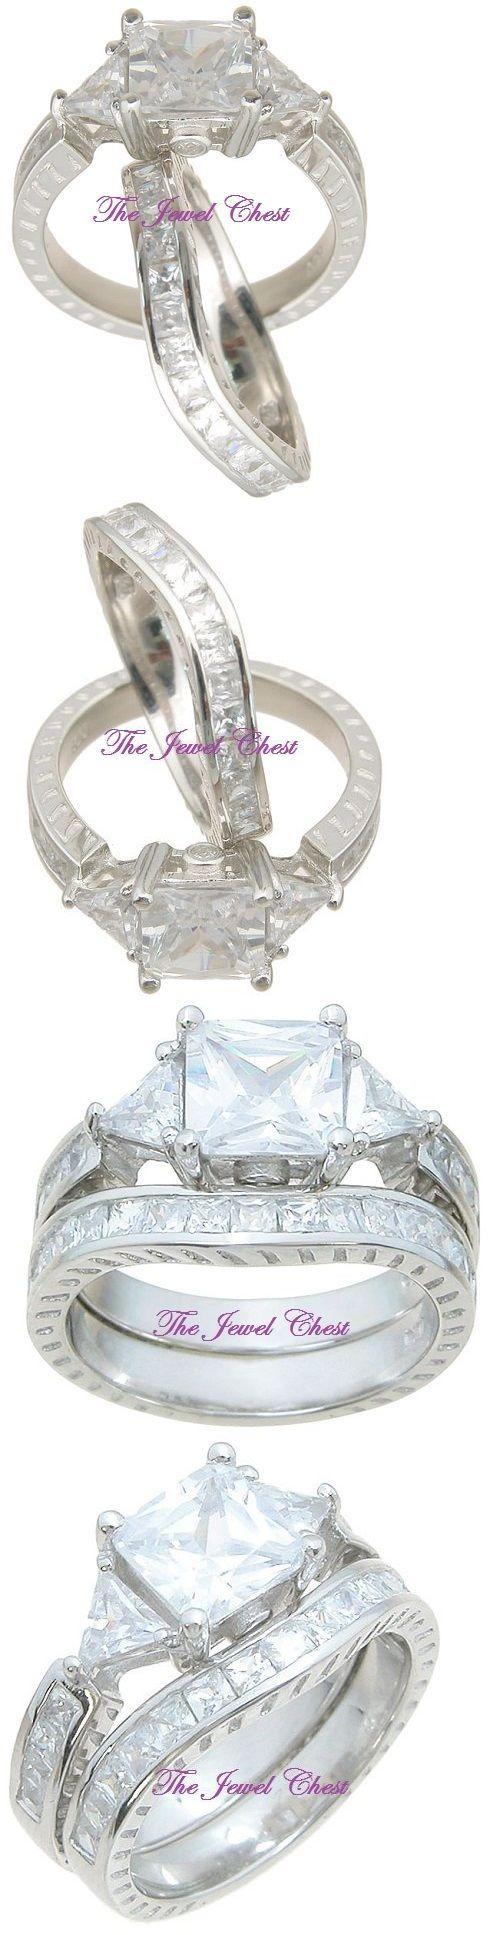 ebay eheringe ebay wedding rings sets Other Wedding Ring Sets 3 50 Ct Princess Trillion Diamond Antique Engagement Ring Set White